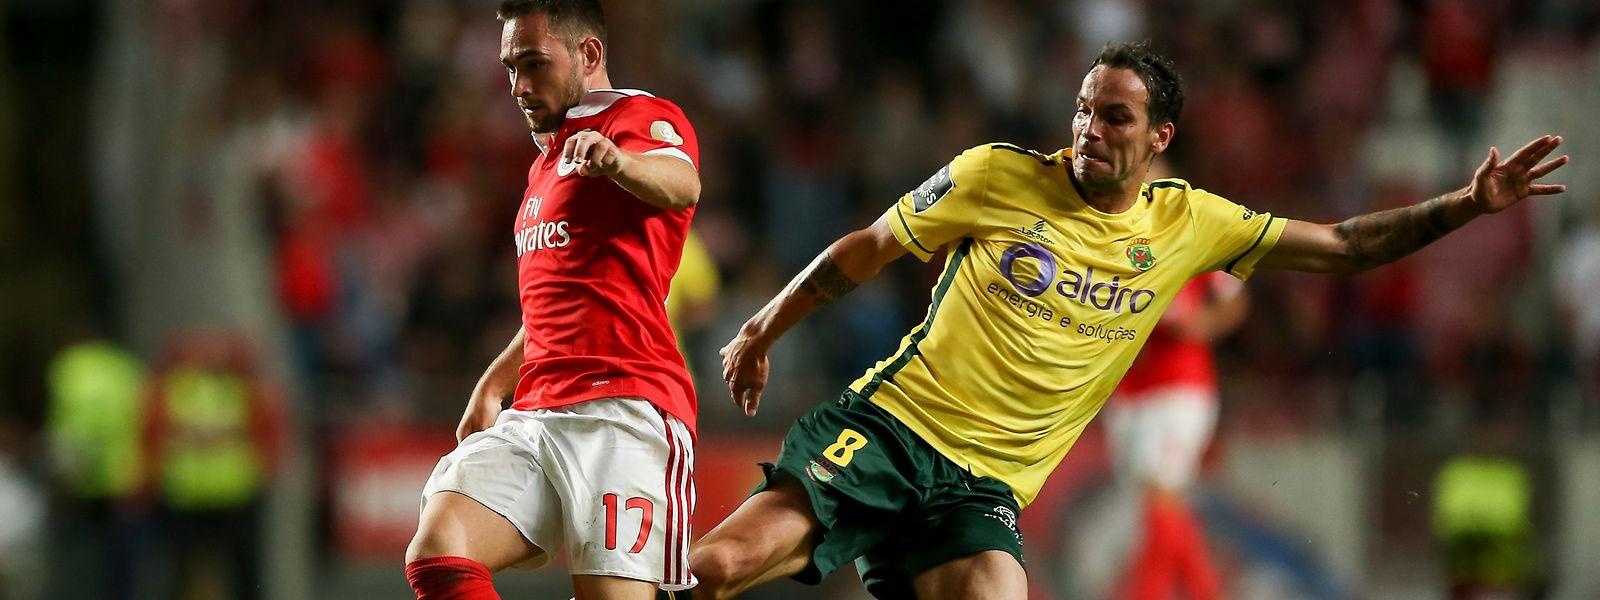 Benfica bateu o Paços de Ferreira por 2-0